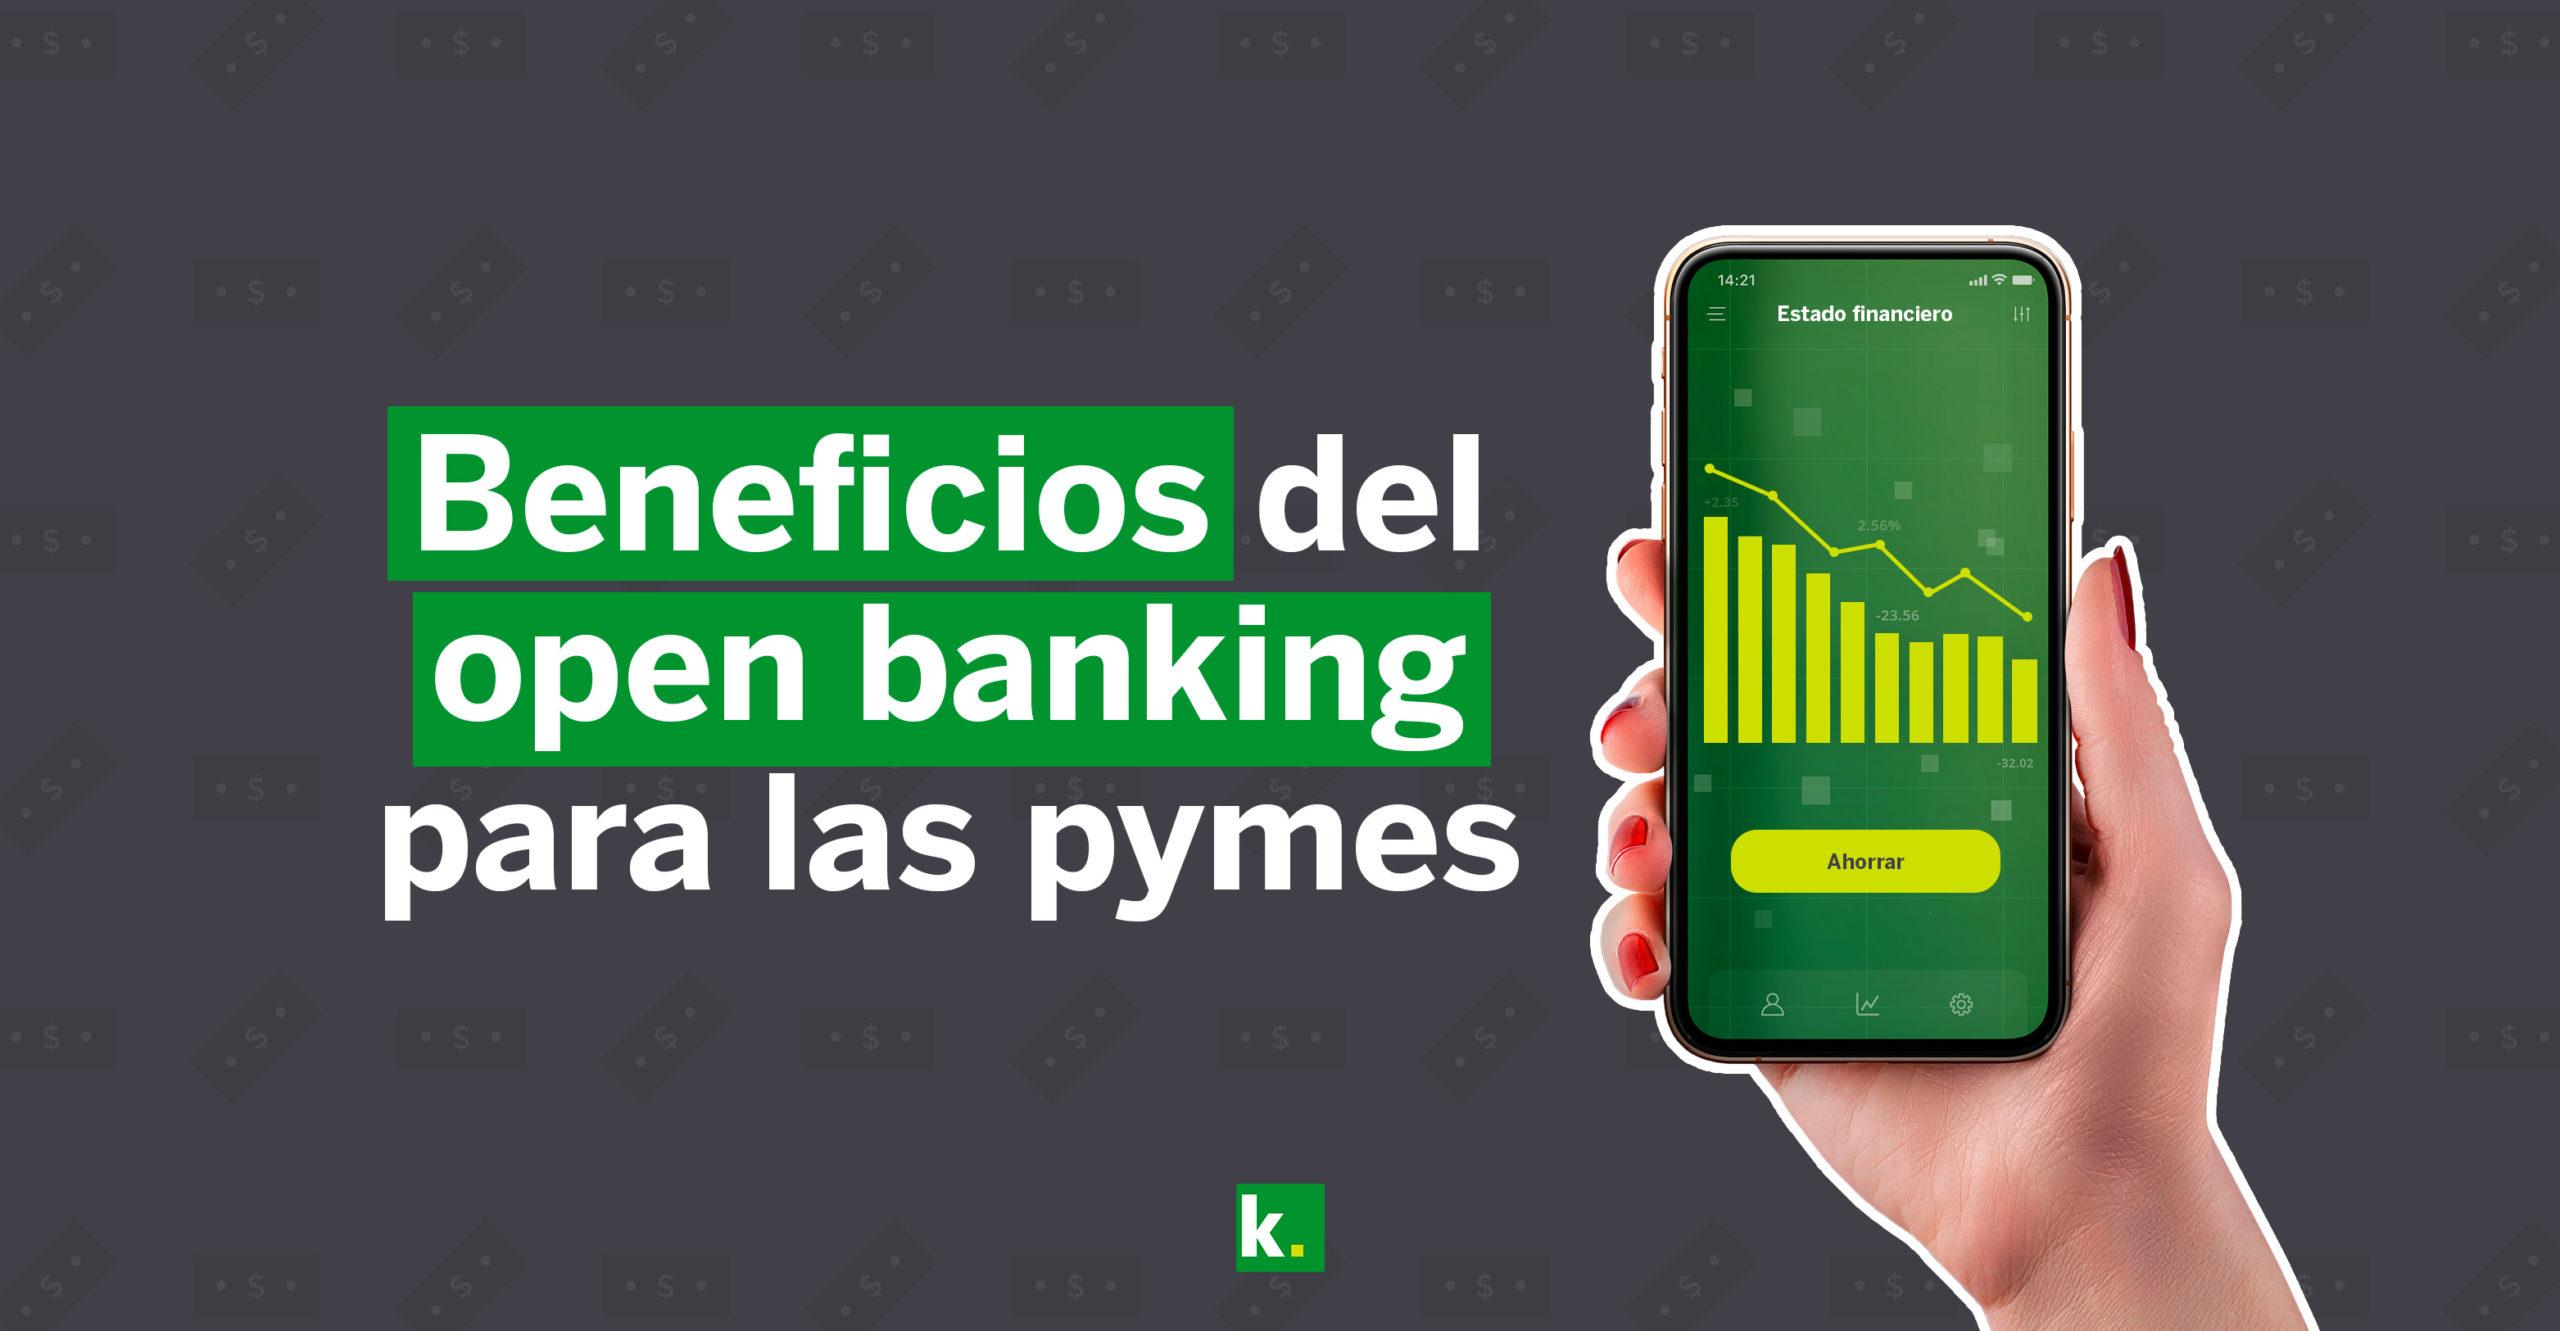 Beneficios del open banking para pymes